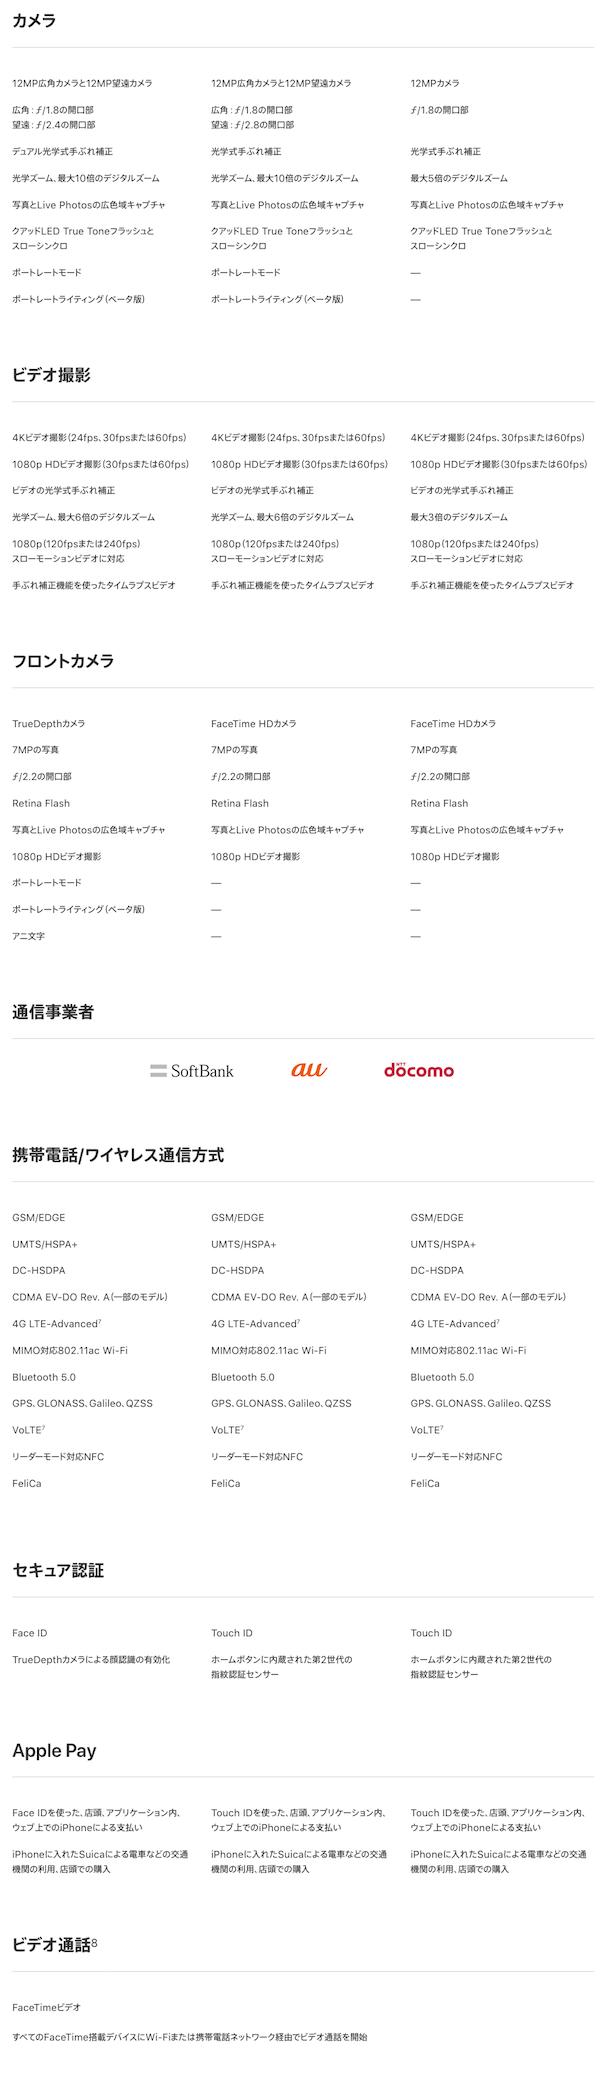 iPhoneX-8-8Plus-02